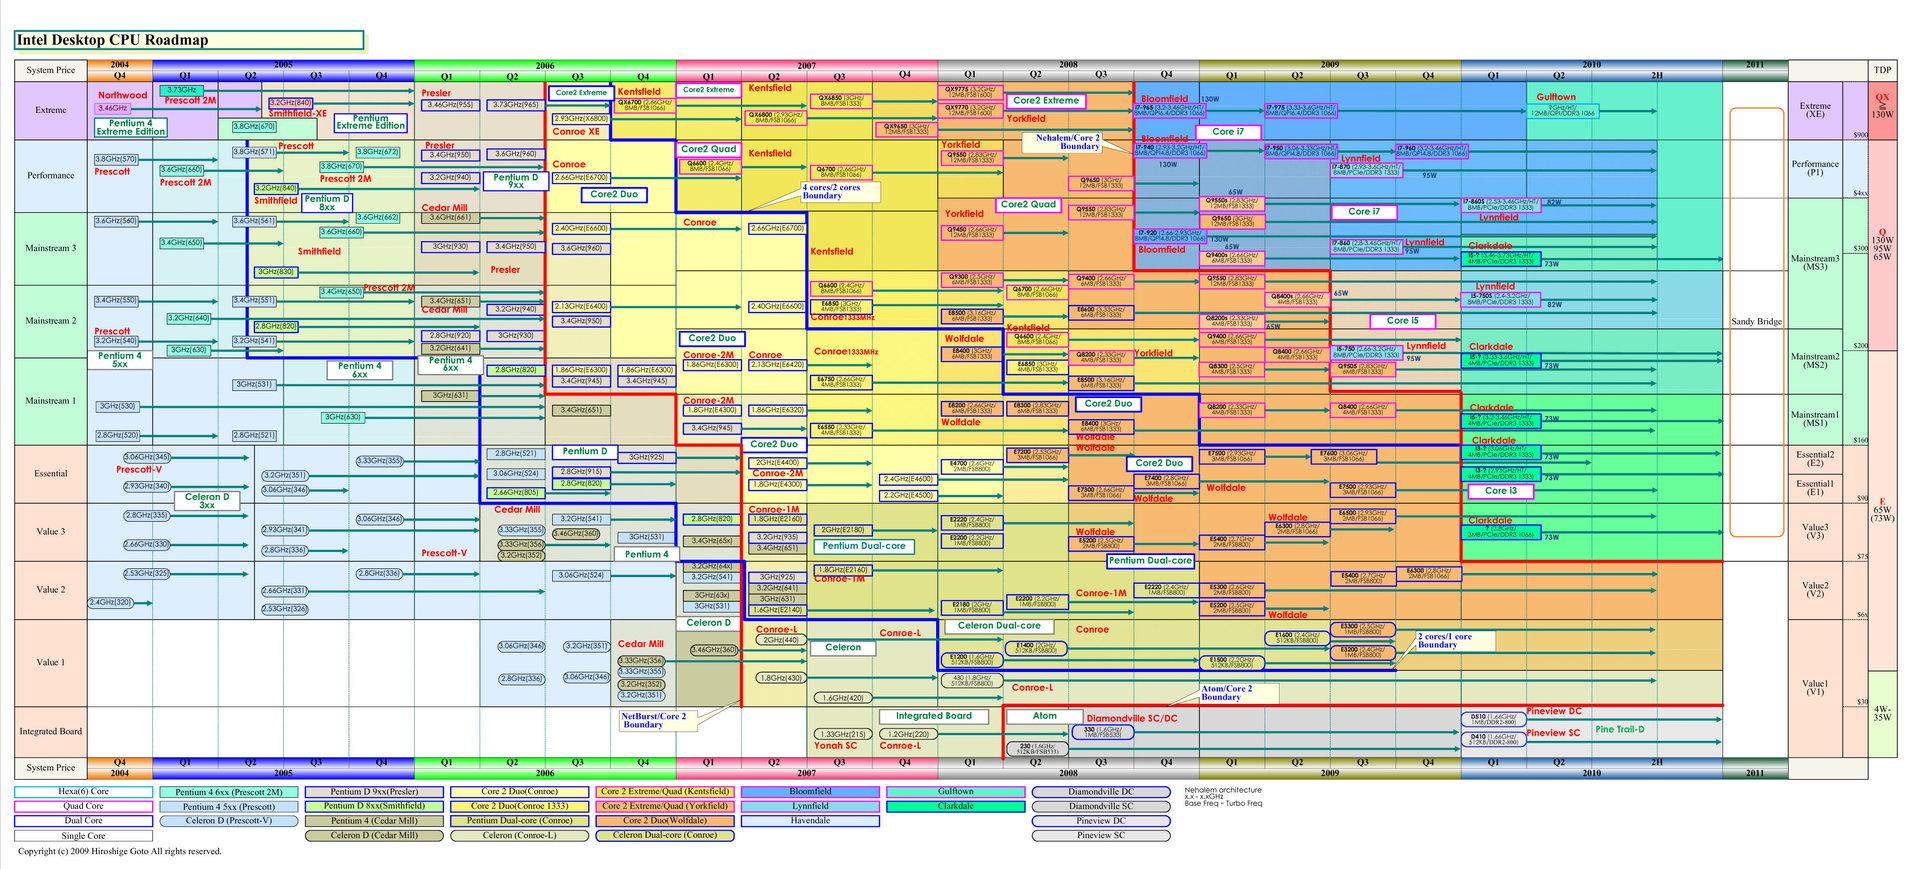 Neue CPU-Roadmap von Hiroshige Goto